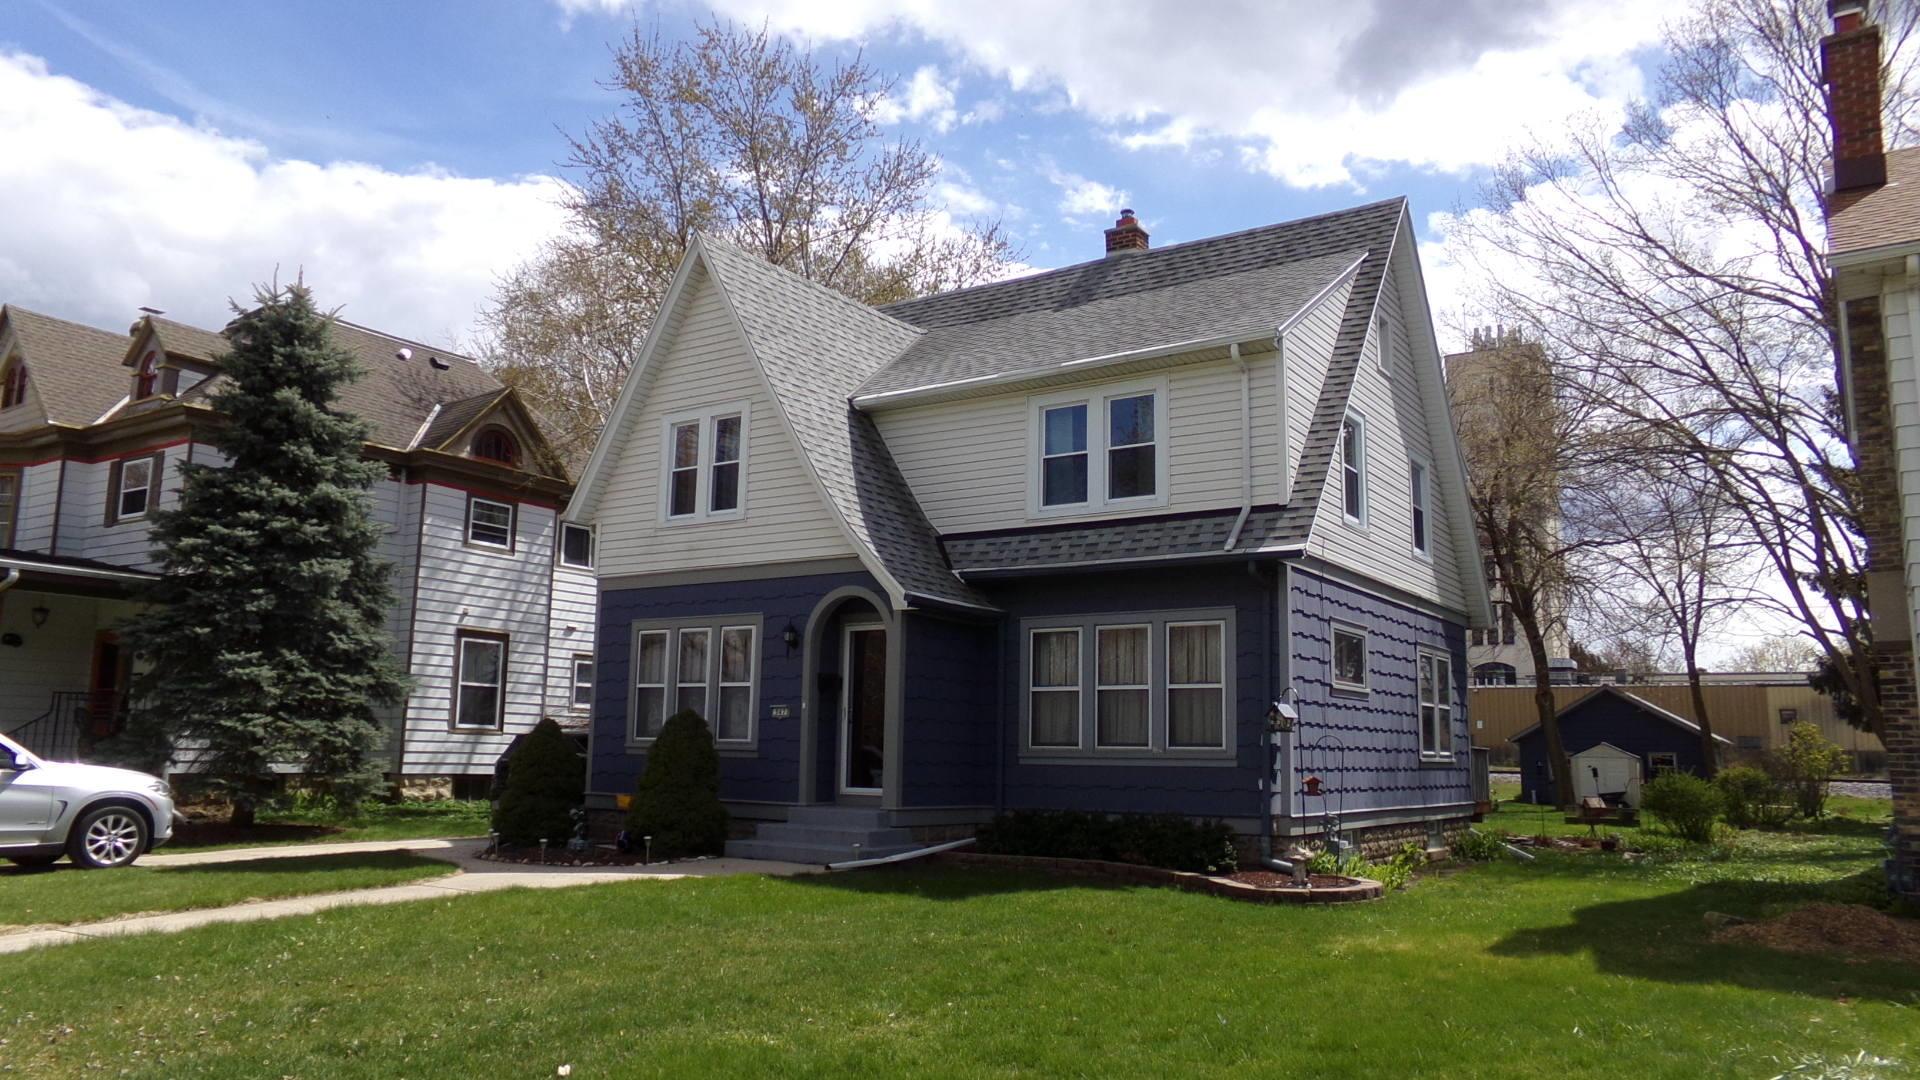 547 Dunbar Ave Waukesha, WI 53186 Property Image